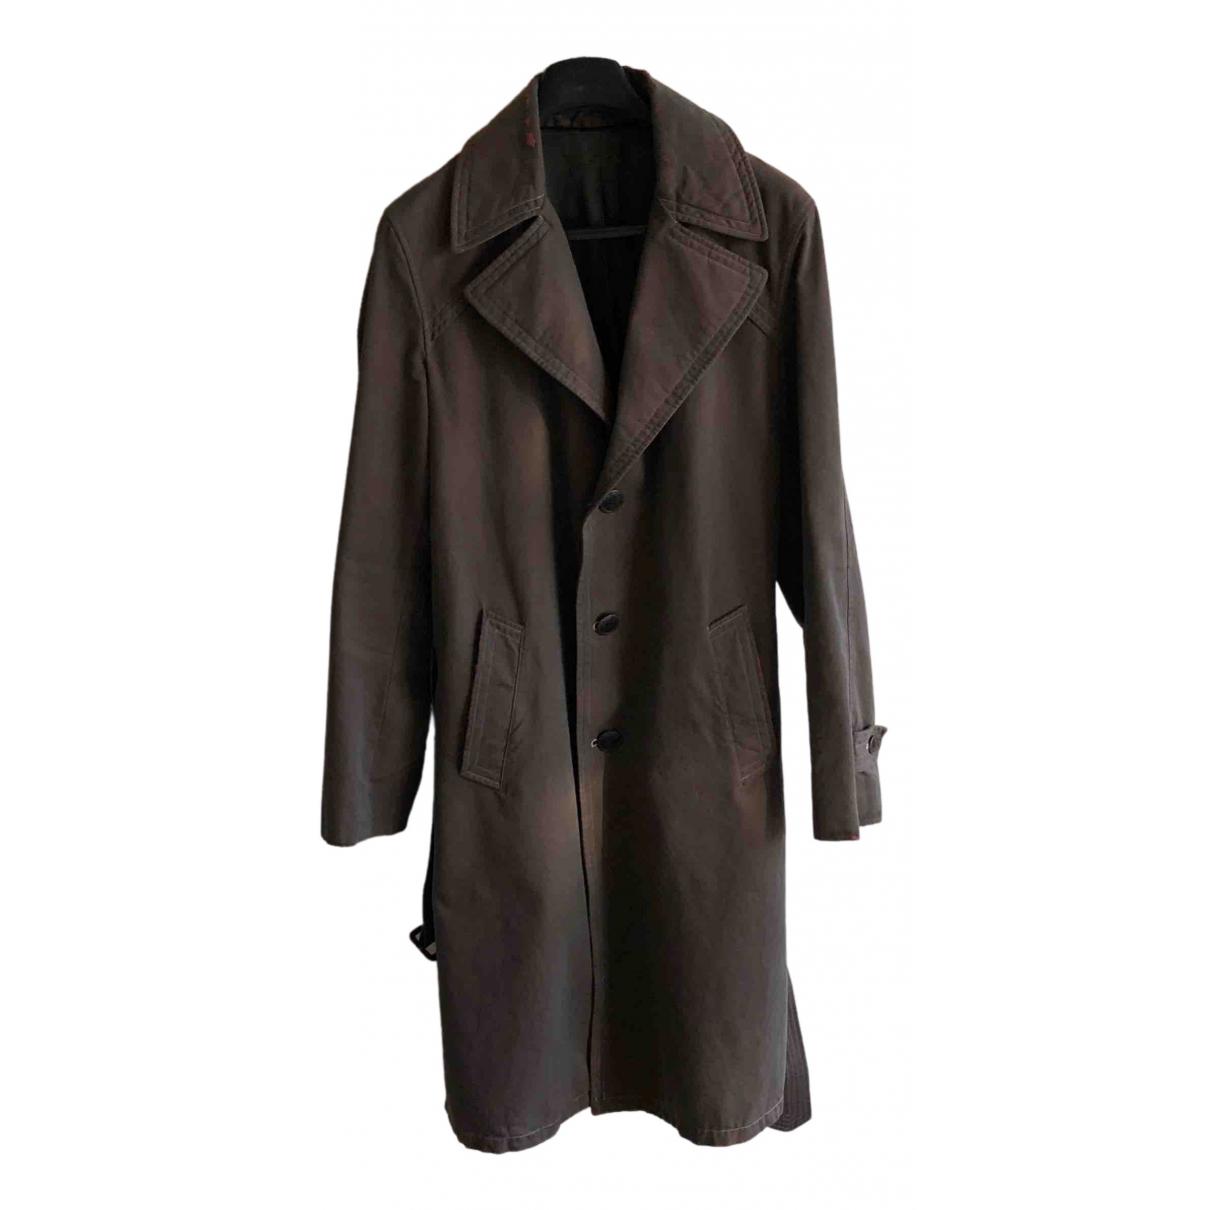 Maison Martin Margiela - Manteau   pour homme en coton - marron